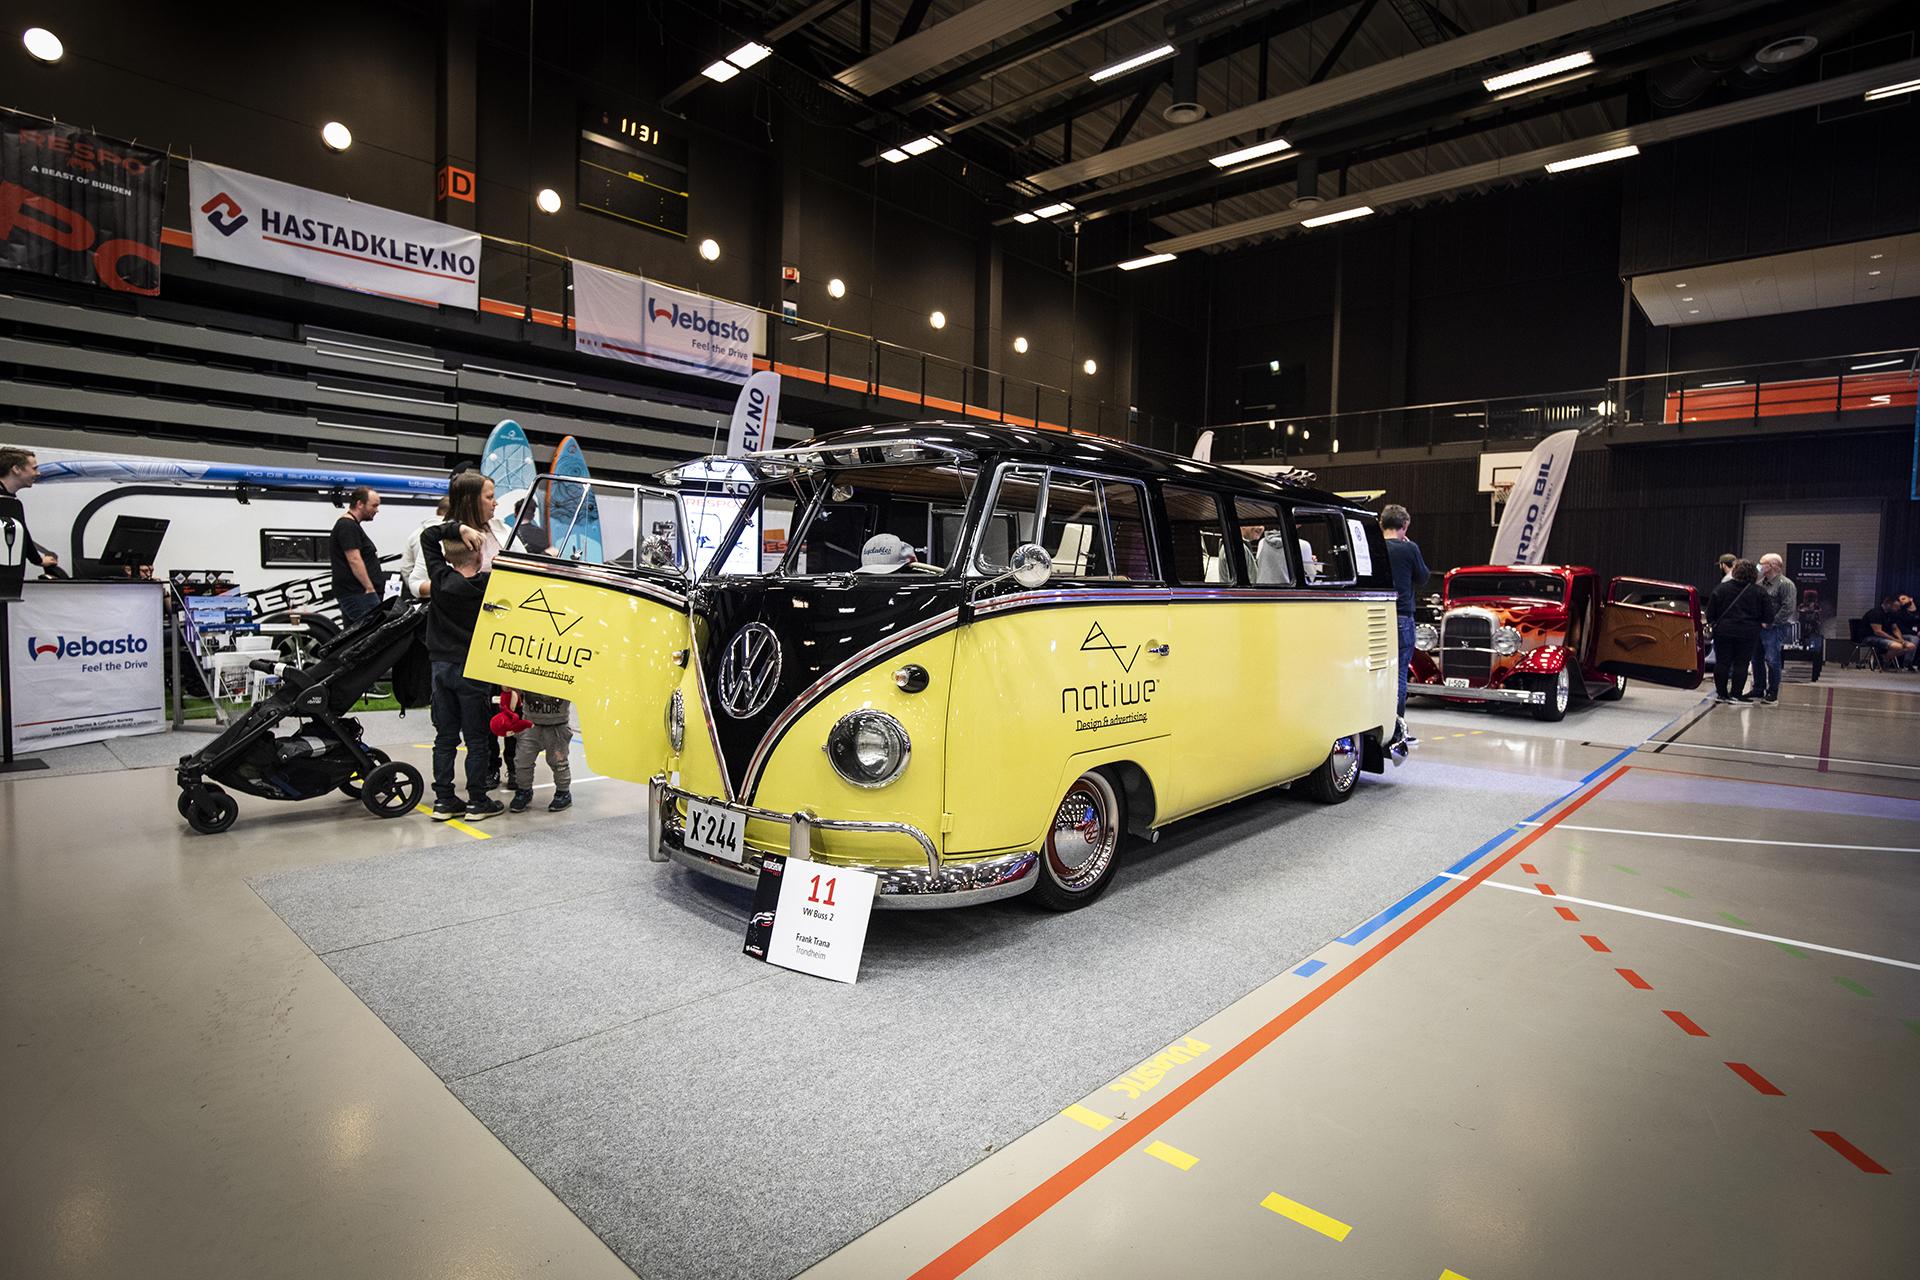 Frank Trana stilte med en forfriskednde VW buss.